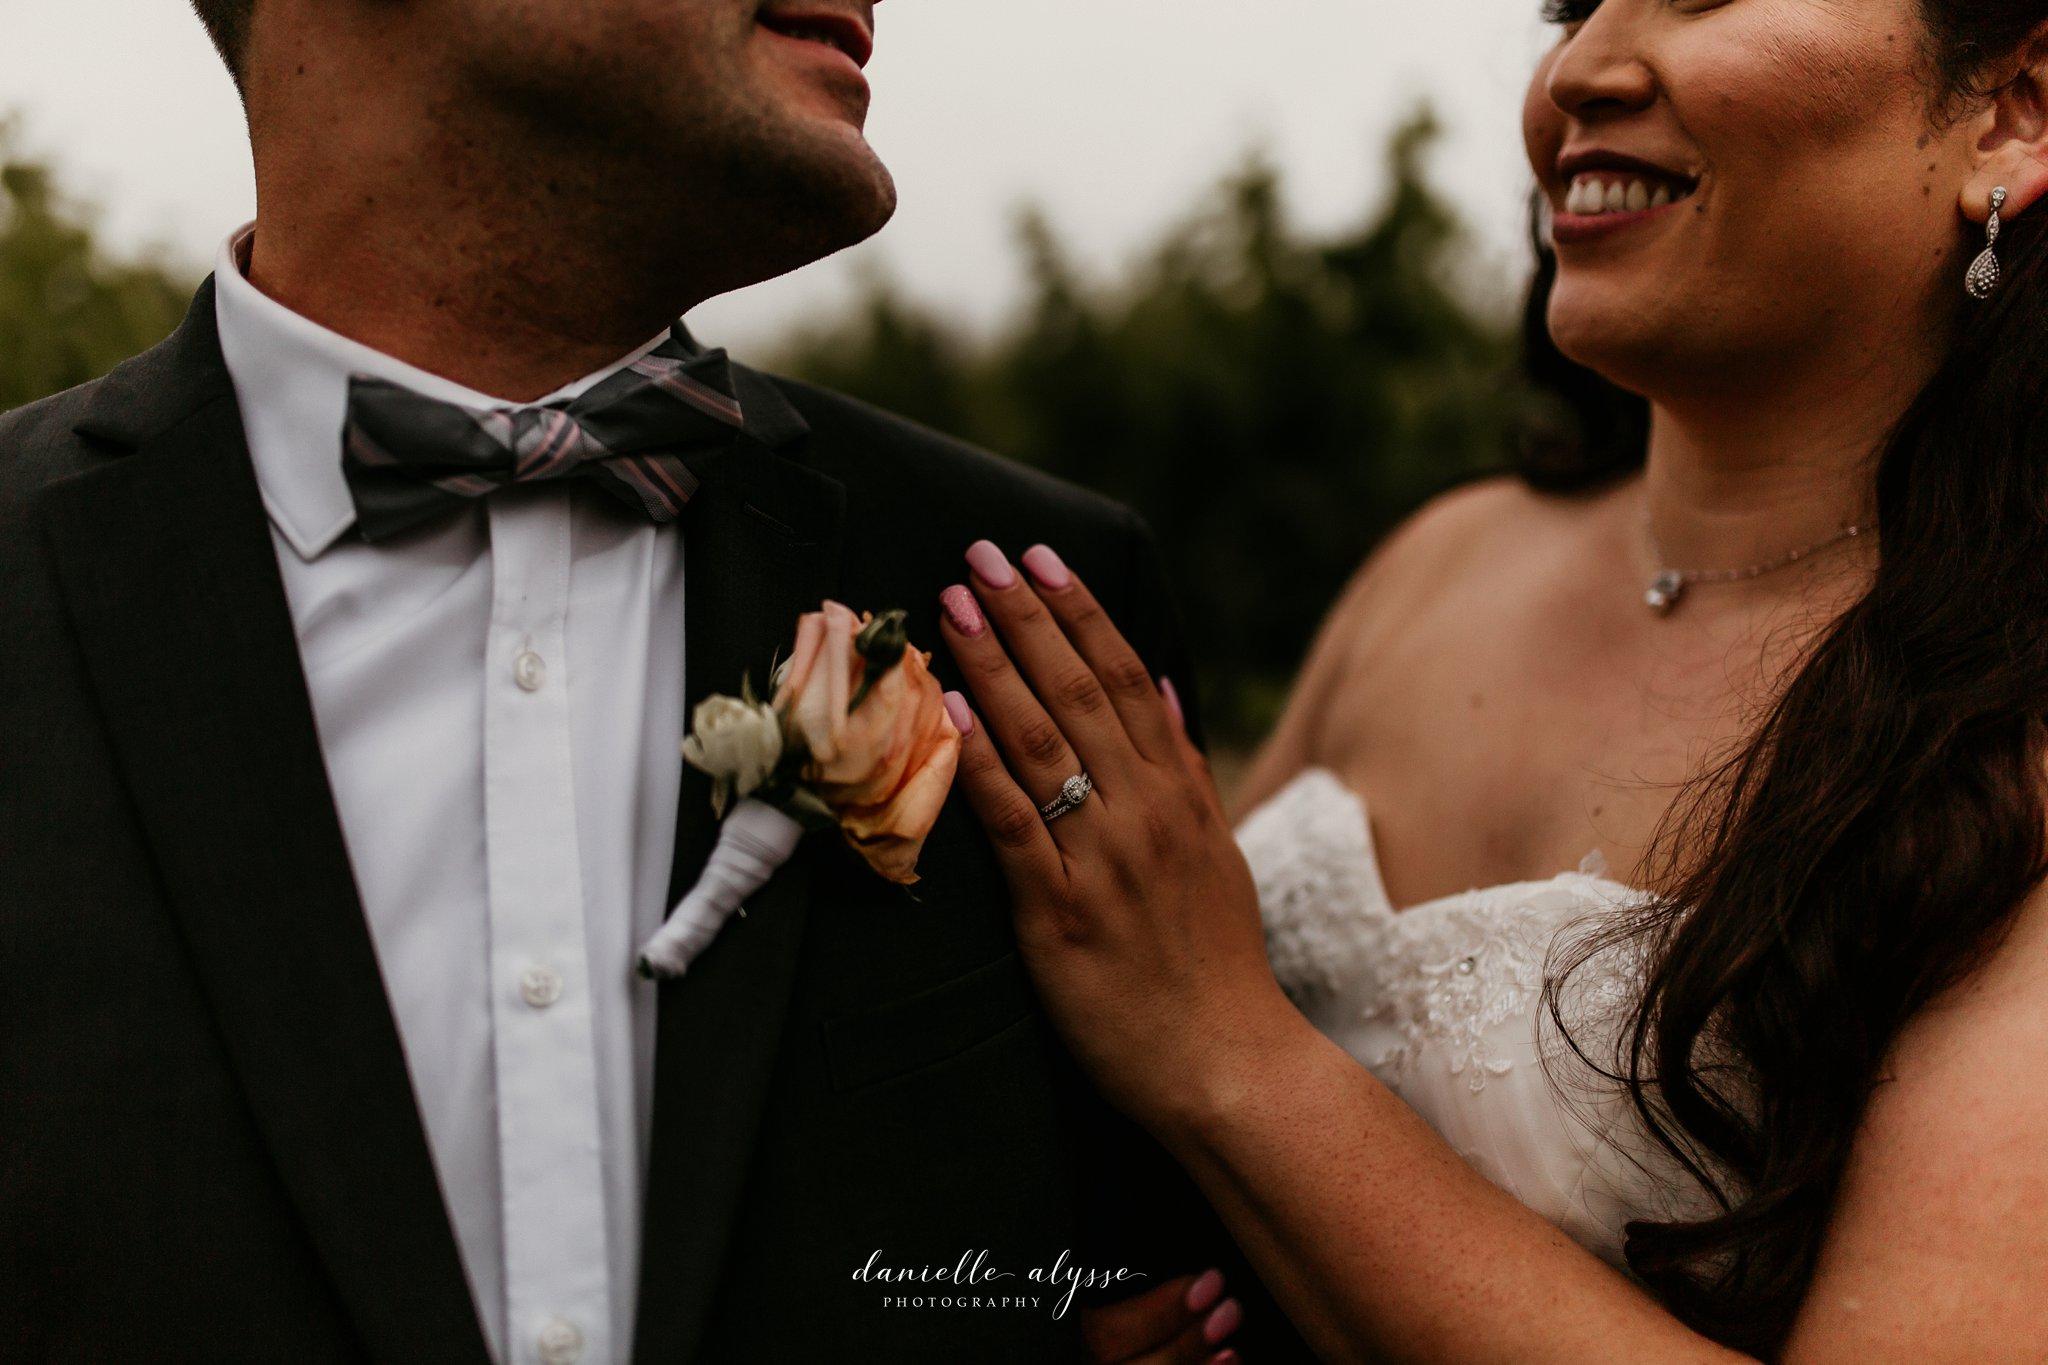 180630_wedding_lily_ryan_mission_soledad_california_danielle_alysse_photography_blog_1188_WEB.jpg